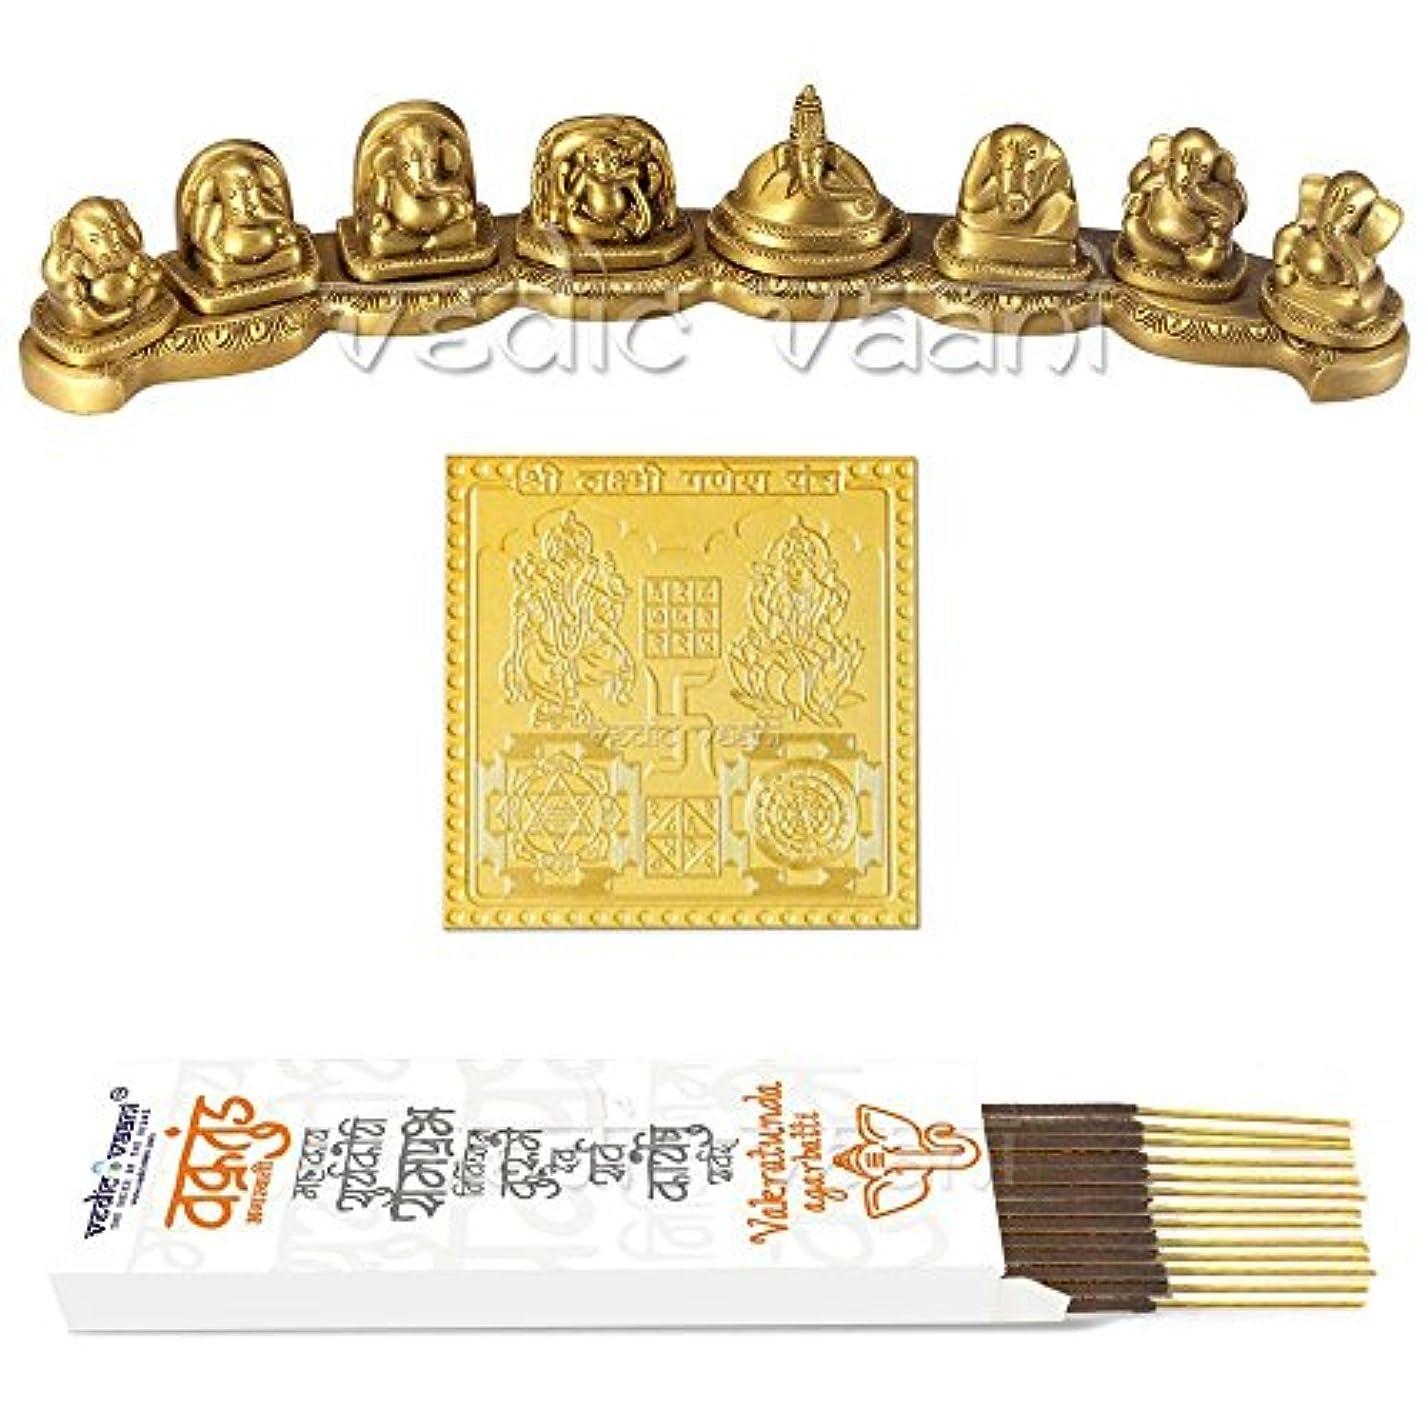 ウィスキー相手大砲Ashtavinayak Ganpati Bappa Idol In Brass WithヤントラとVakratund Incense Sticks – Vedic Vaani